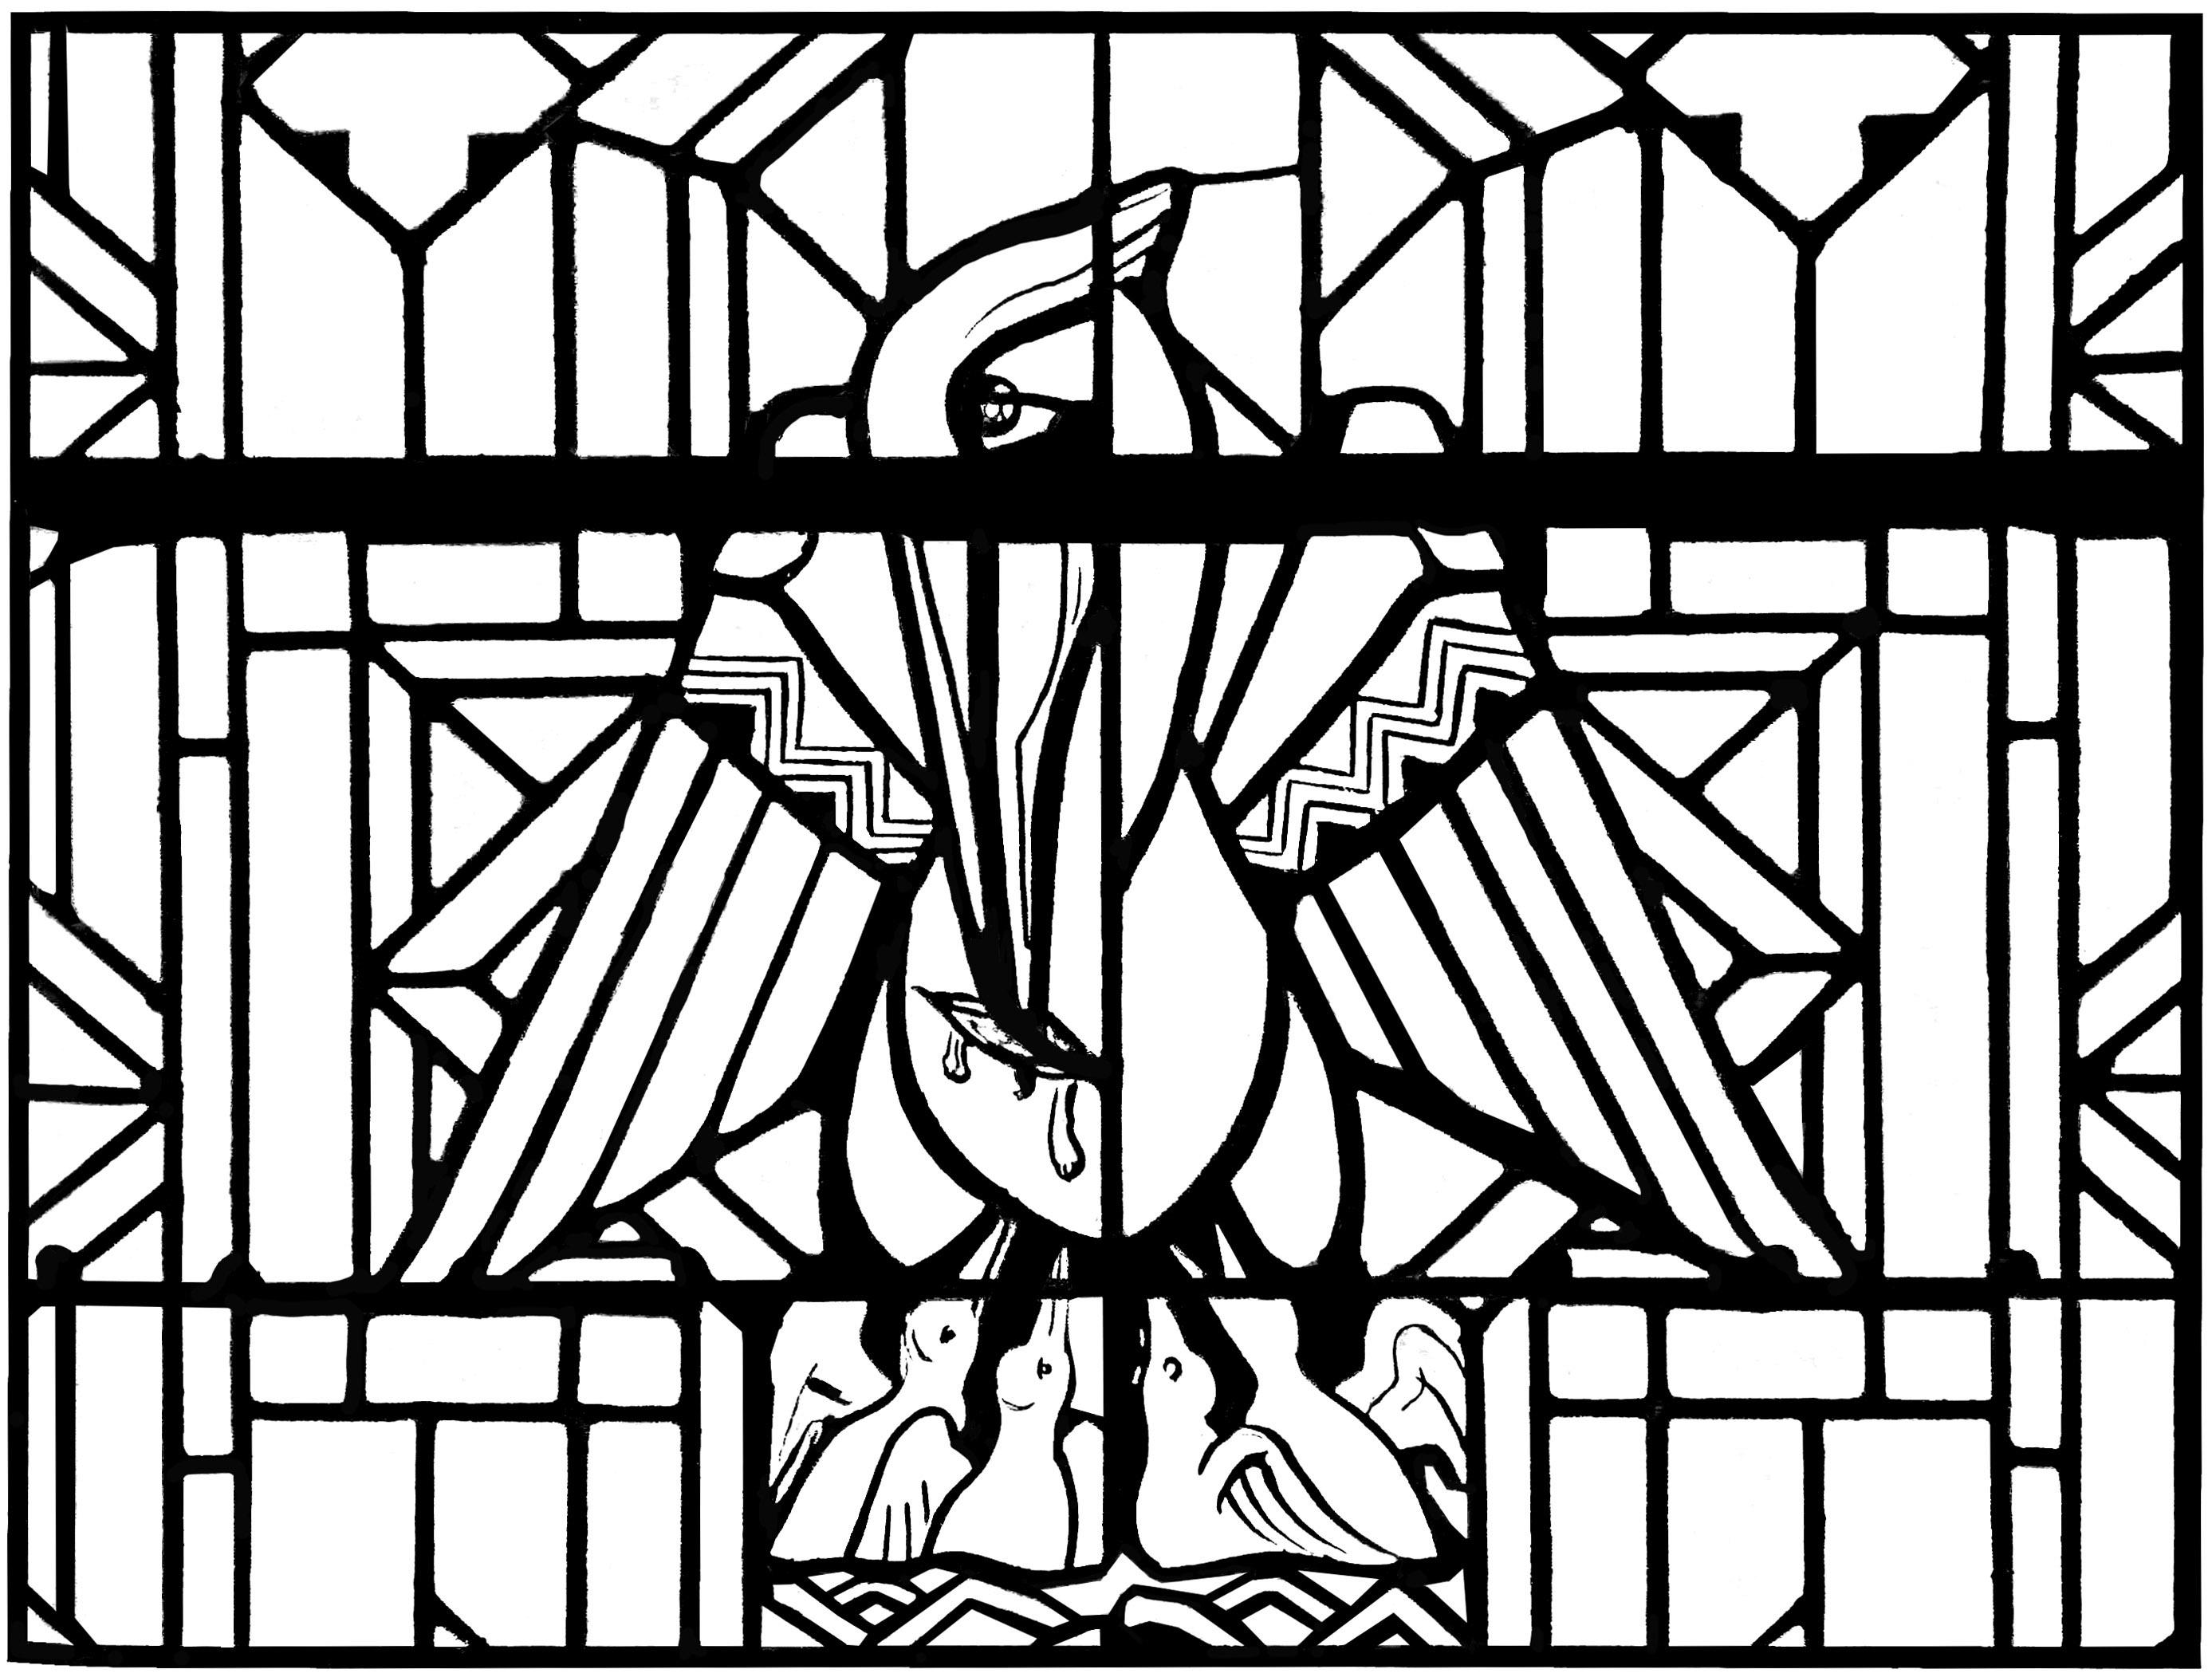 Un coloriage créé à partir d'un vitrail moderne représentant un Pélican, Eglise d'Arthon en Retz